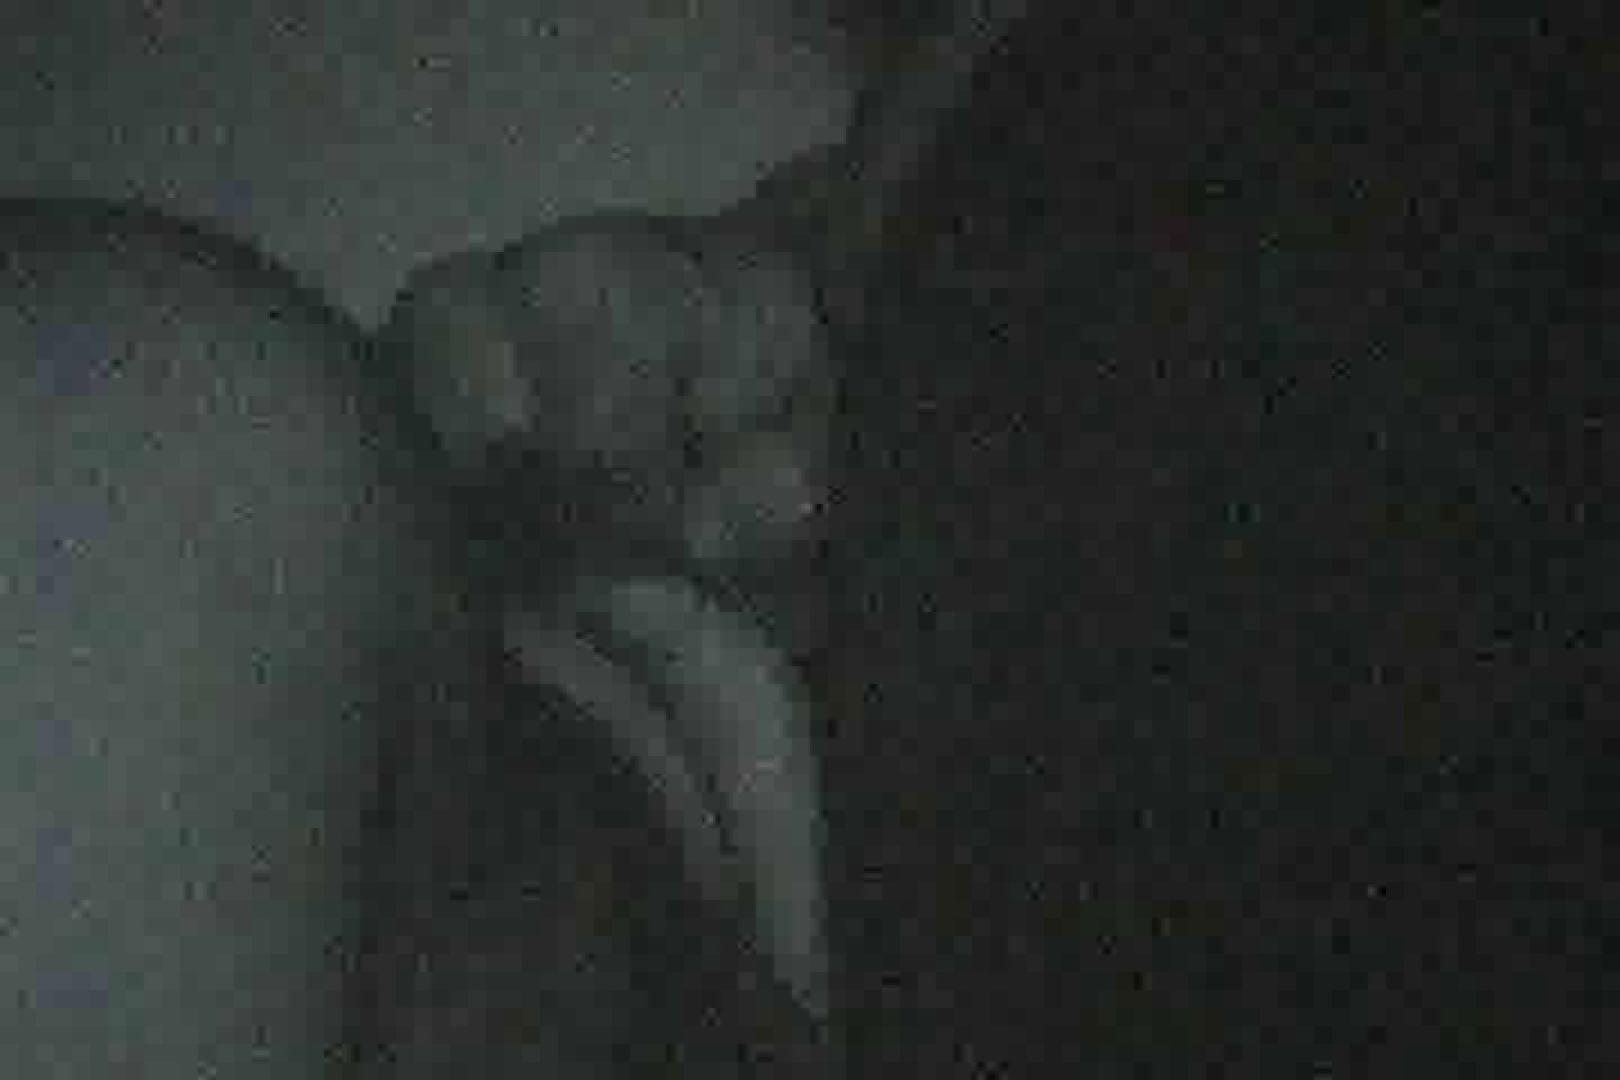 充血監督の深夜の運動会Vol.2 OLの実態 隠し撮りすけべAV動画紹介 61pic 2